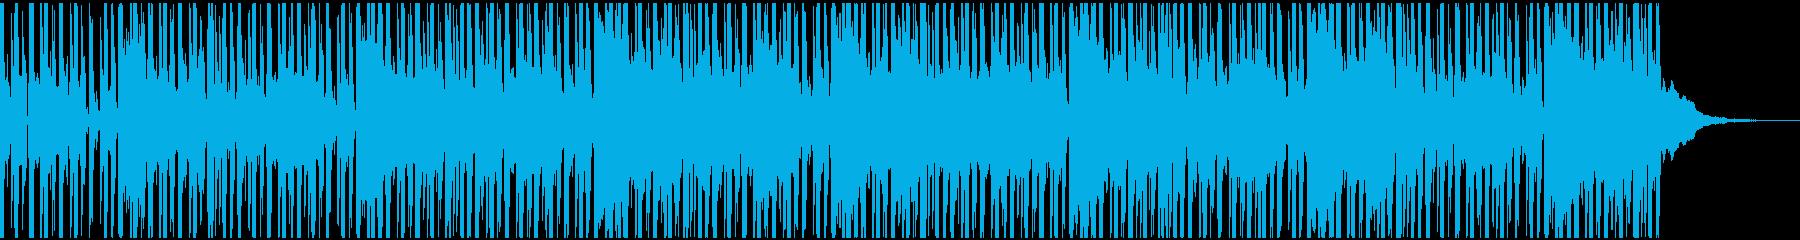 不思議な雰囲気のギター・インストの再生済みの波形